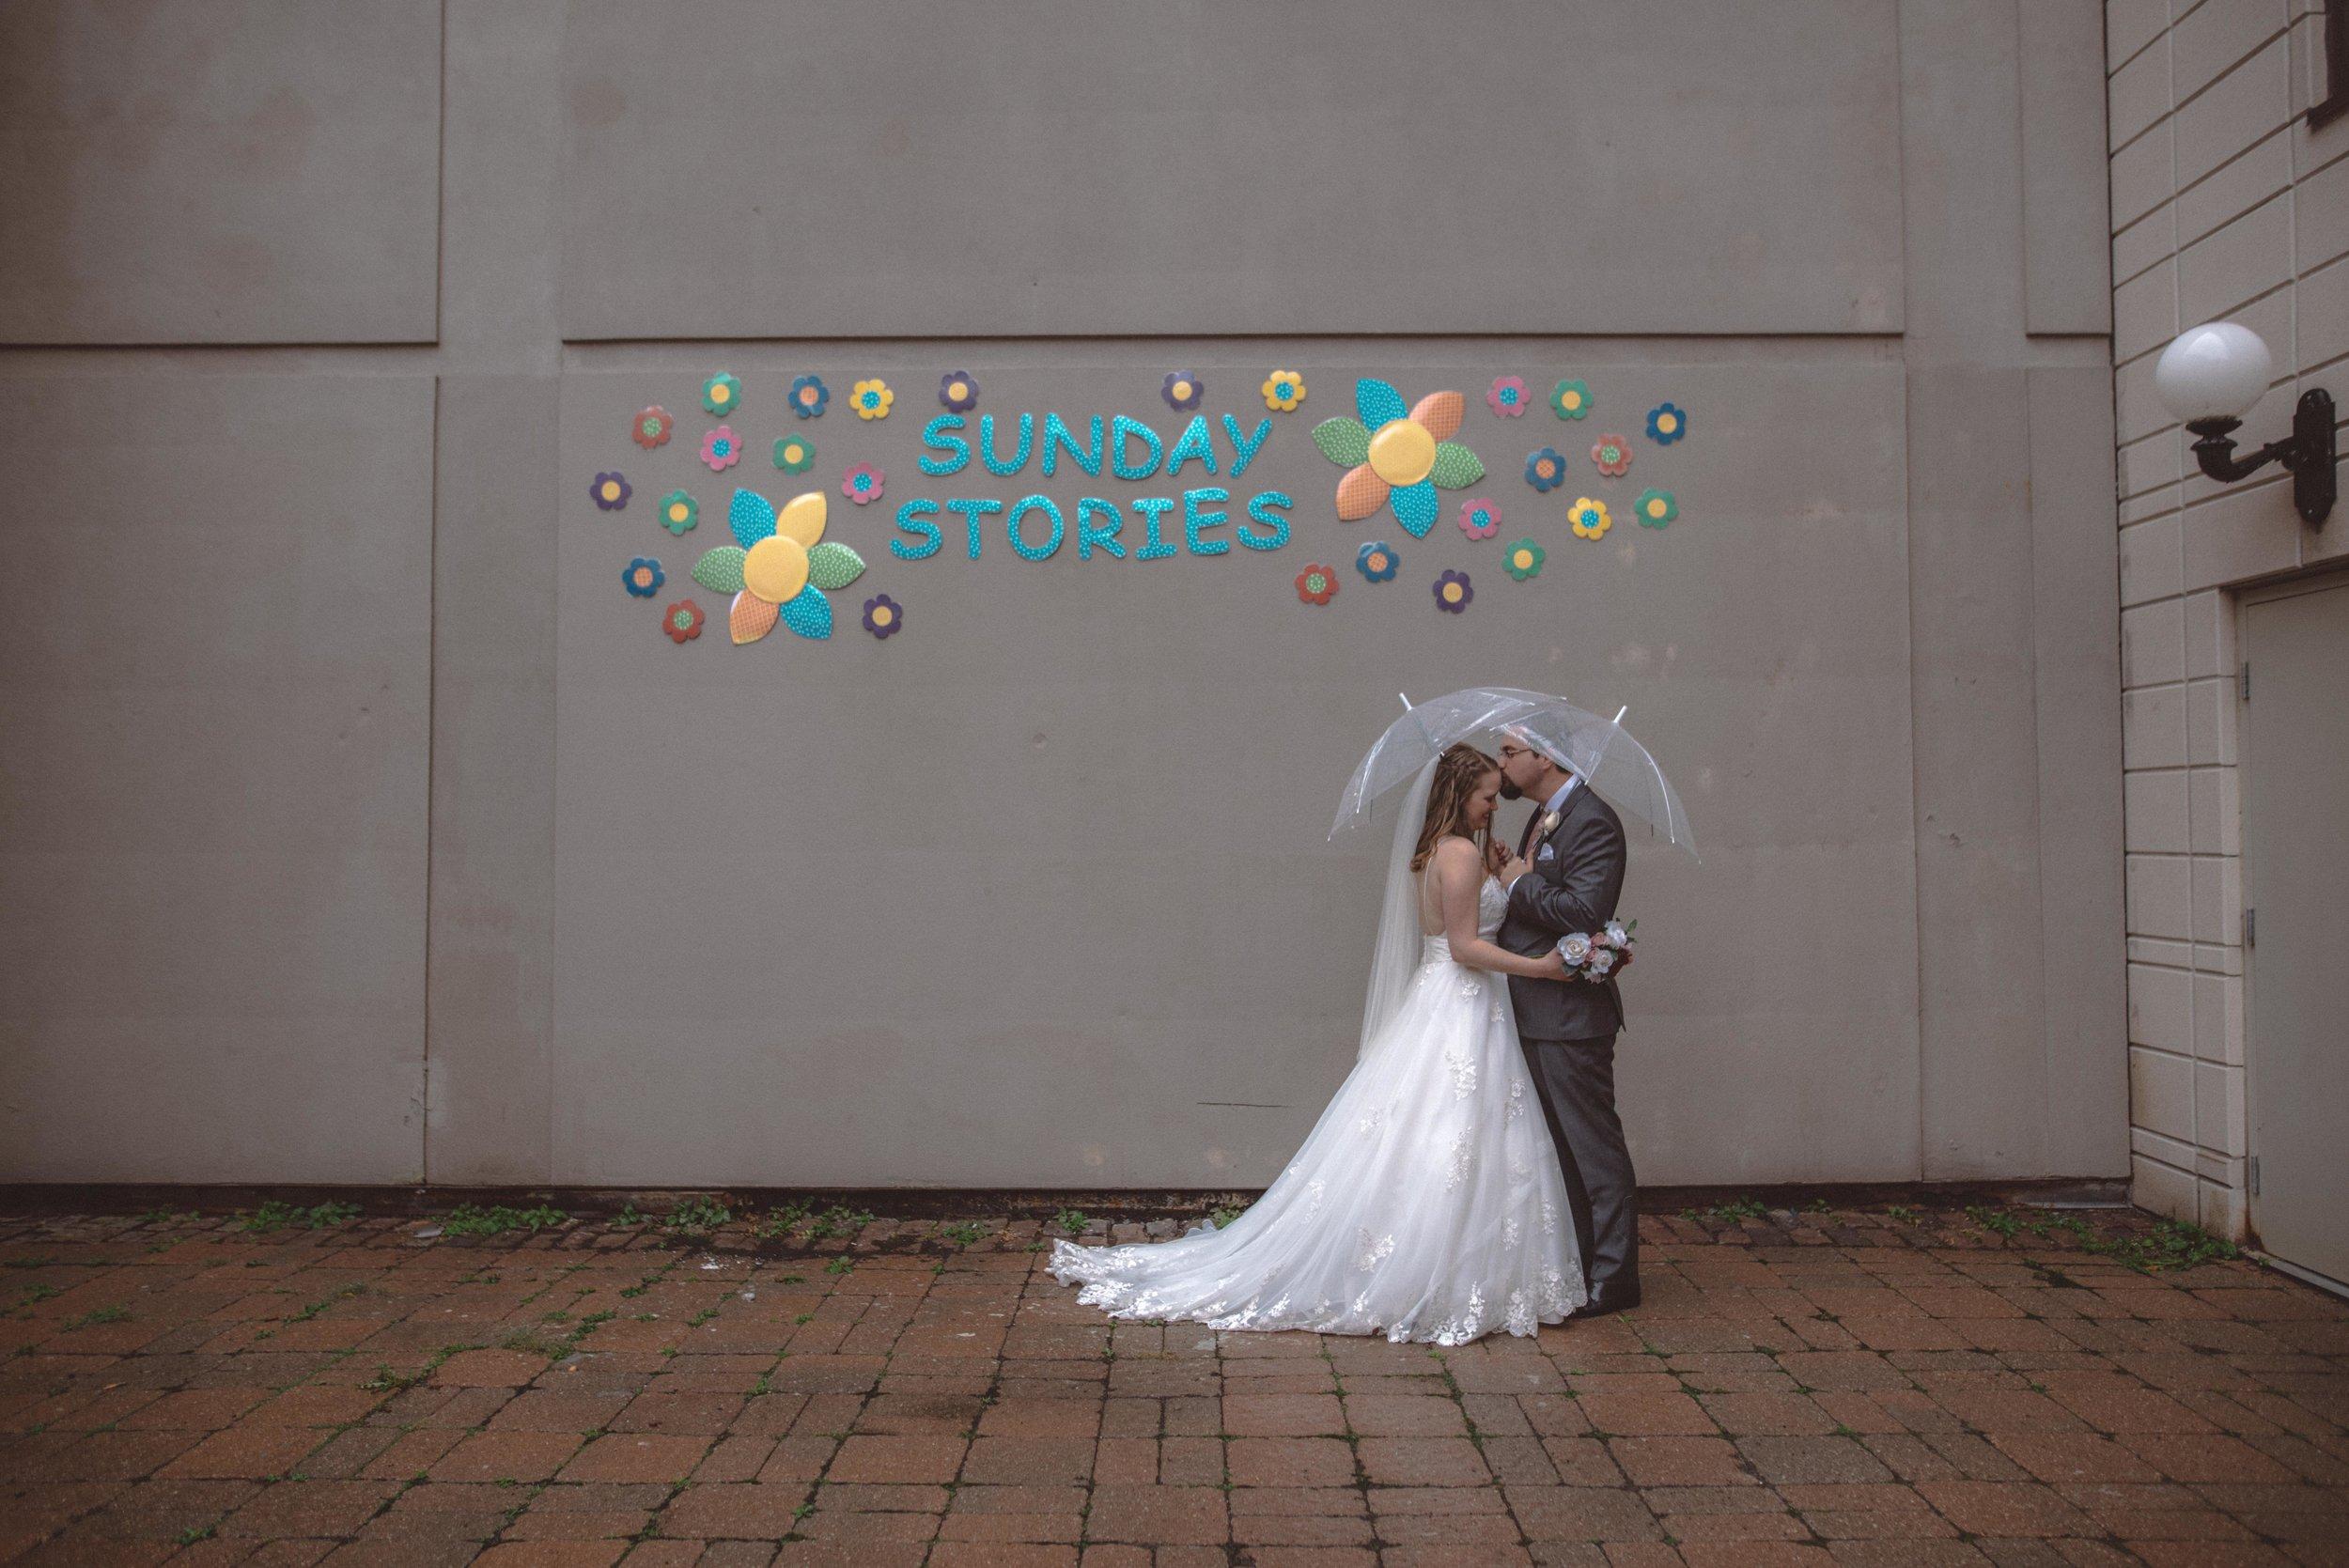 wedding_photographer_lifestyle_documentary_photographe_ottawa_gatineau-21.jpg